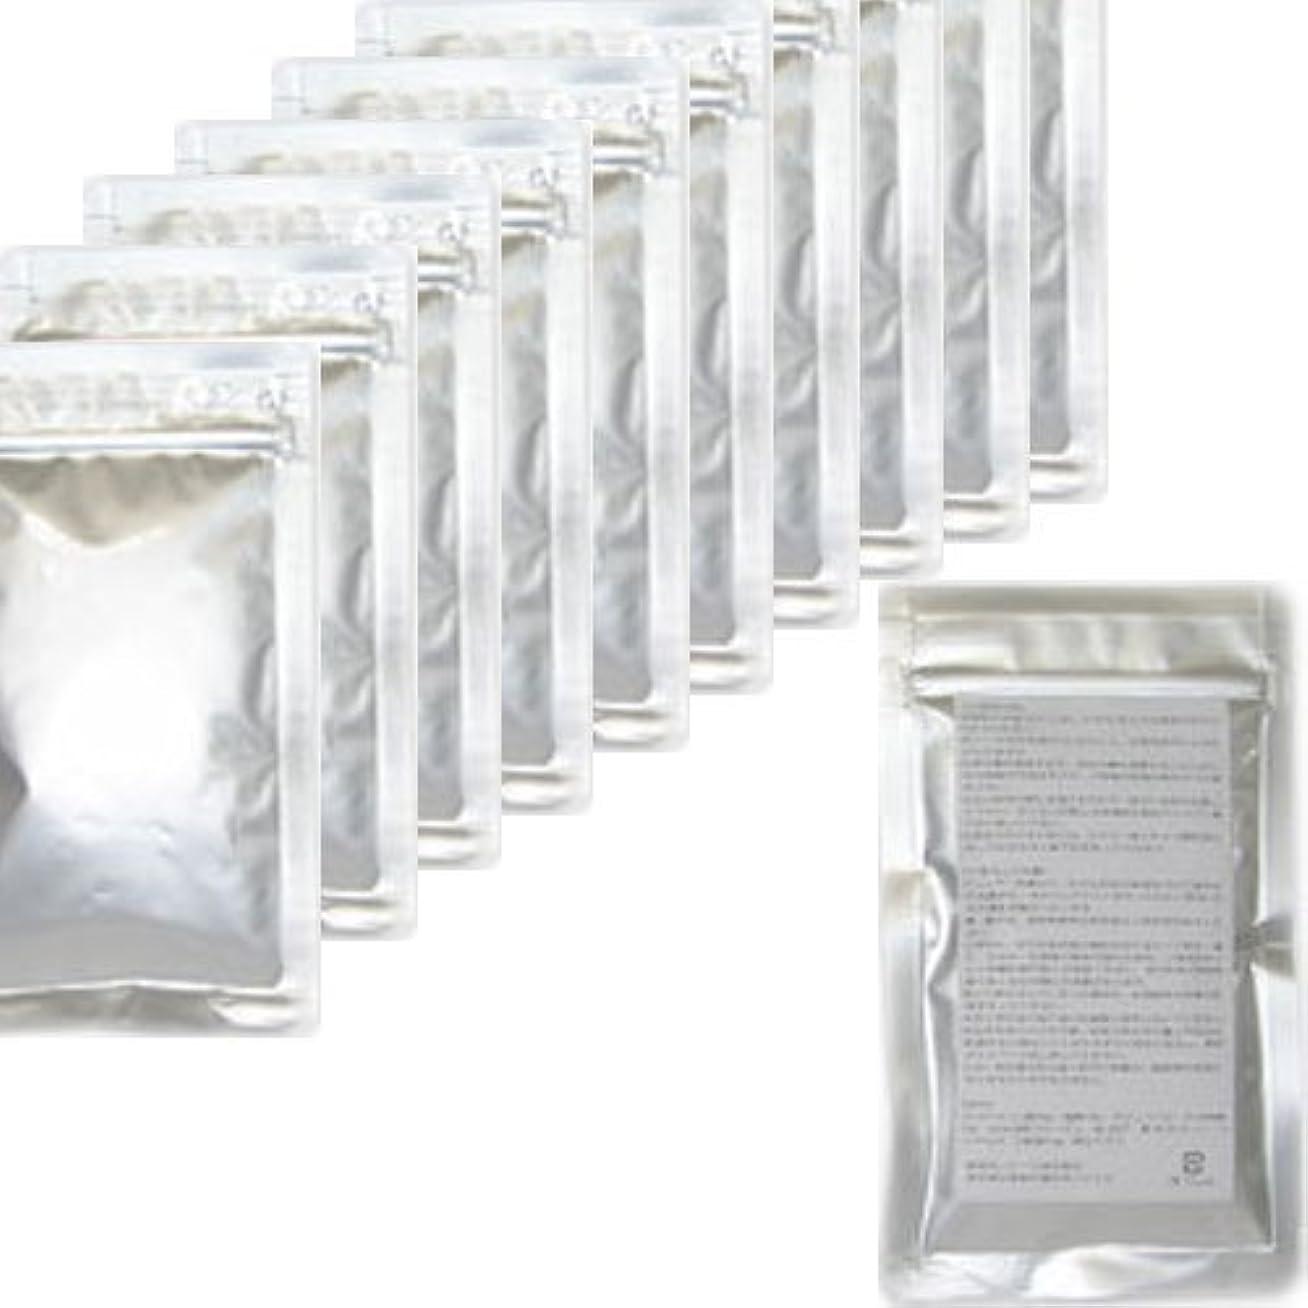 熟読手首それにもかかわらず業者様用 ローションバス とろとろ入浴剤「お風呂でねっとり」 業務用50g(50個セット) (無香料(ピンク))